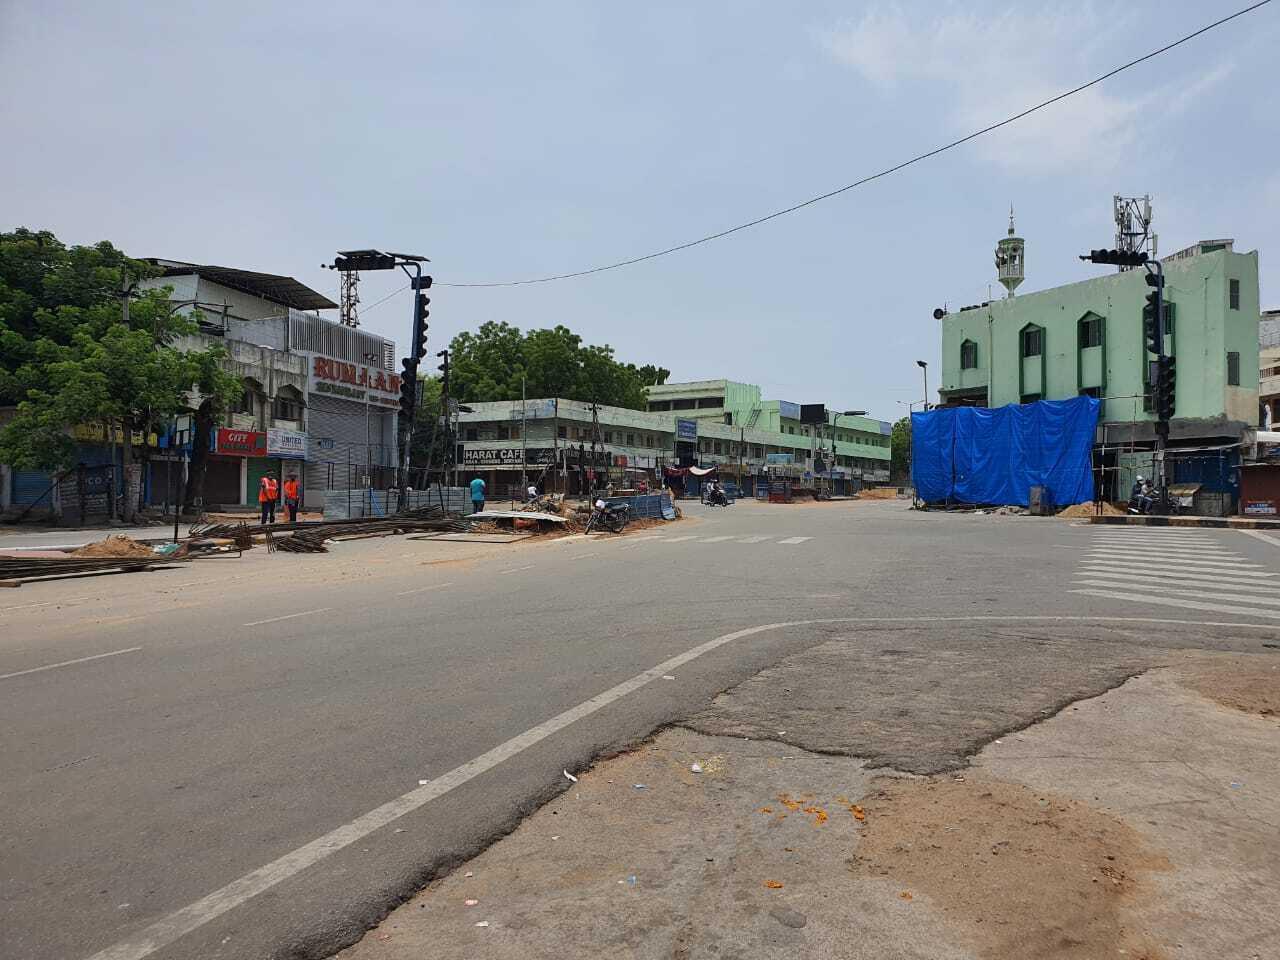 ലോക്ക്ഡൗണില് ഹൈദരാബാദ്- ചിത്രങ്ങള് കാണാം